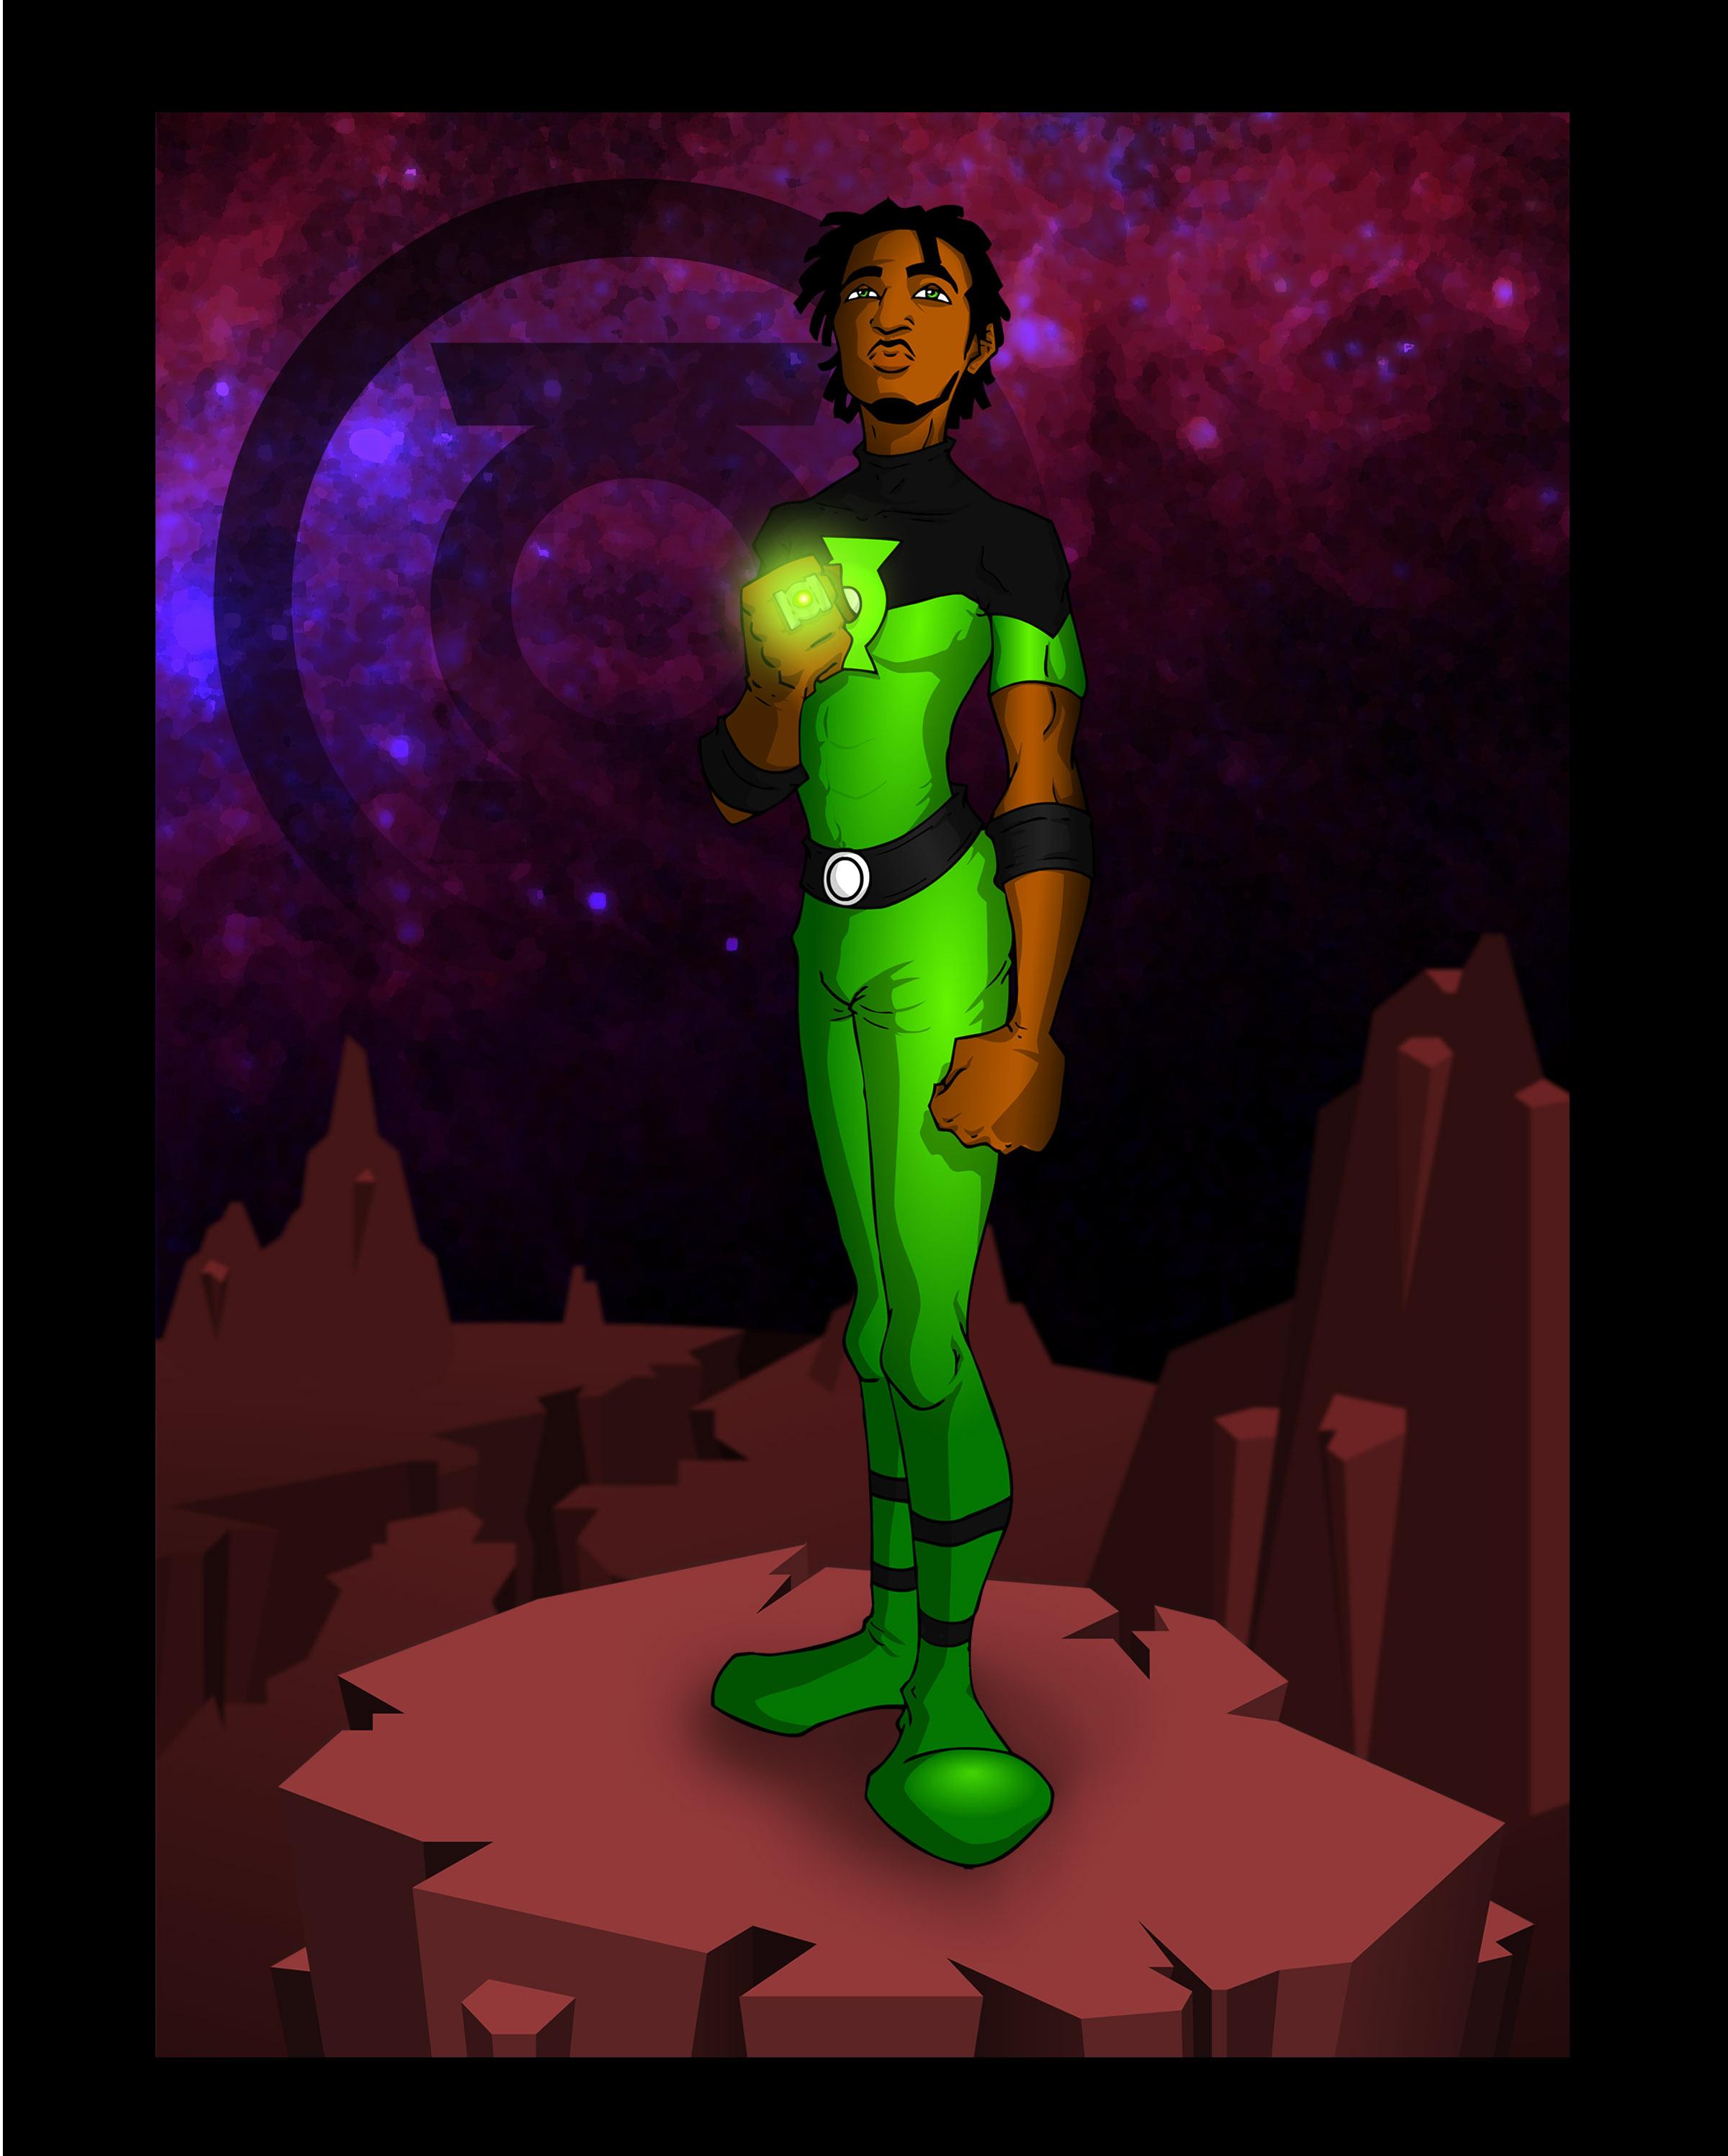 Green Lantern: Midori Sugoi